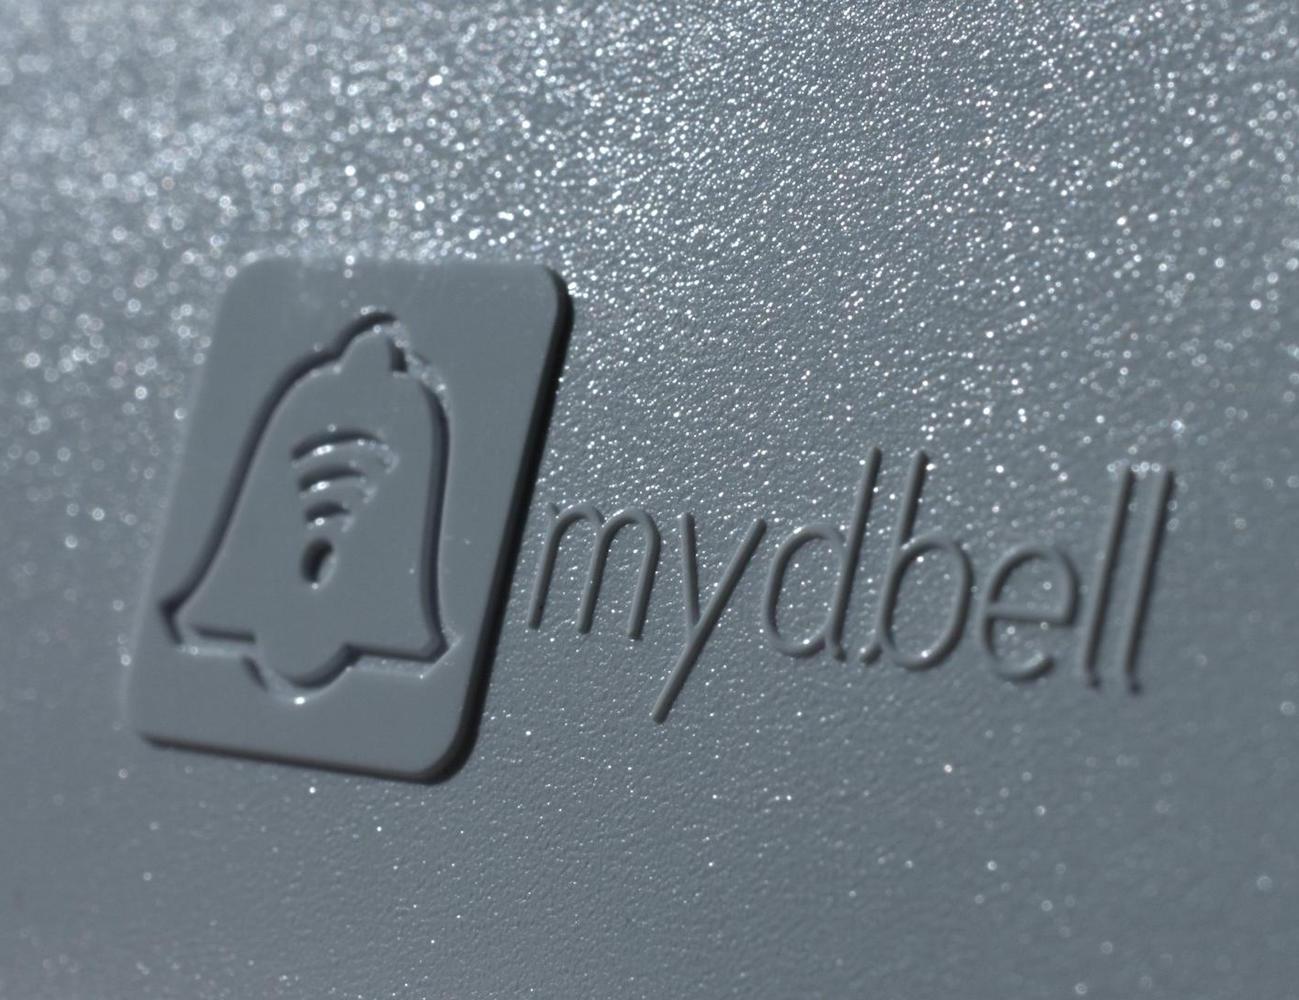 mydbell – Smarten Up Your Doorbell